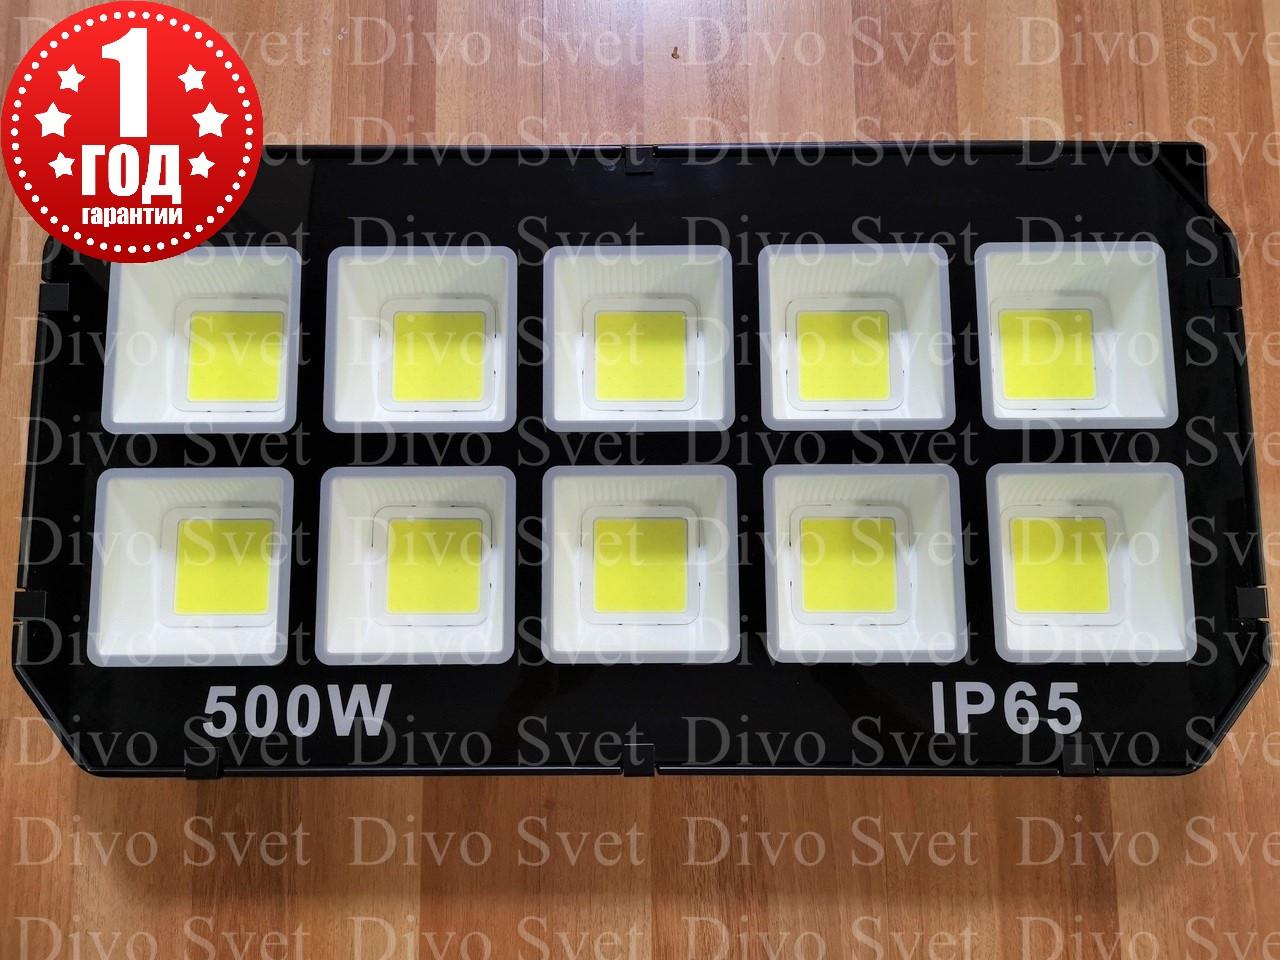 """Прожектор светодиодный GL 600 W """"Стандарт"""" серия. Прожекторы уличные IP65, чёрный корпус."""